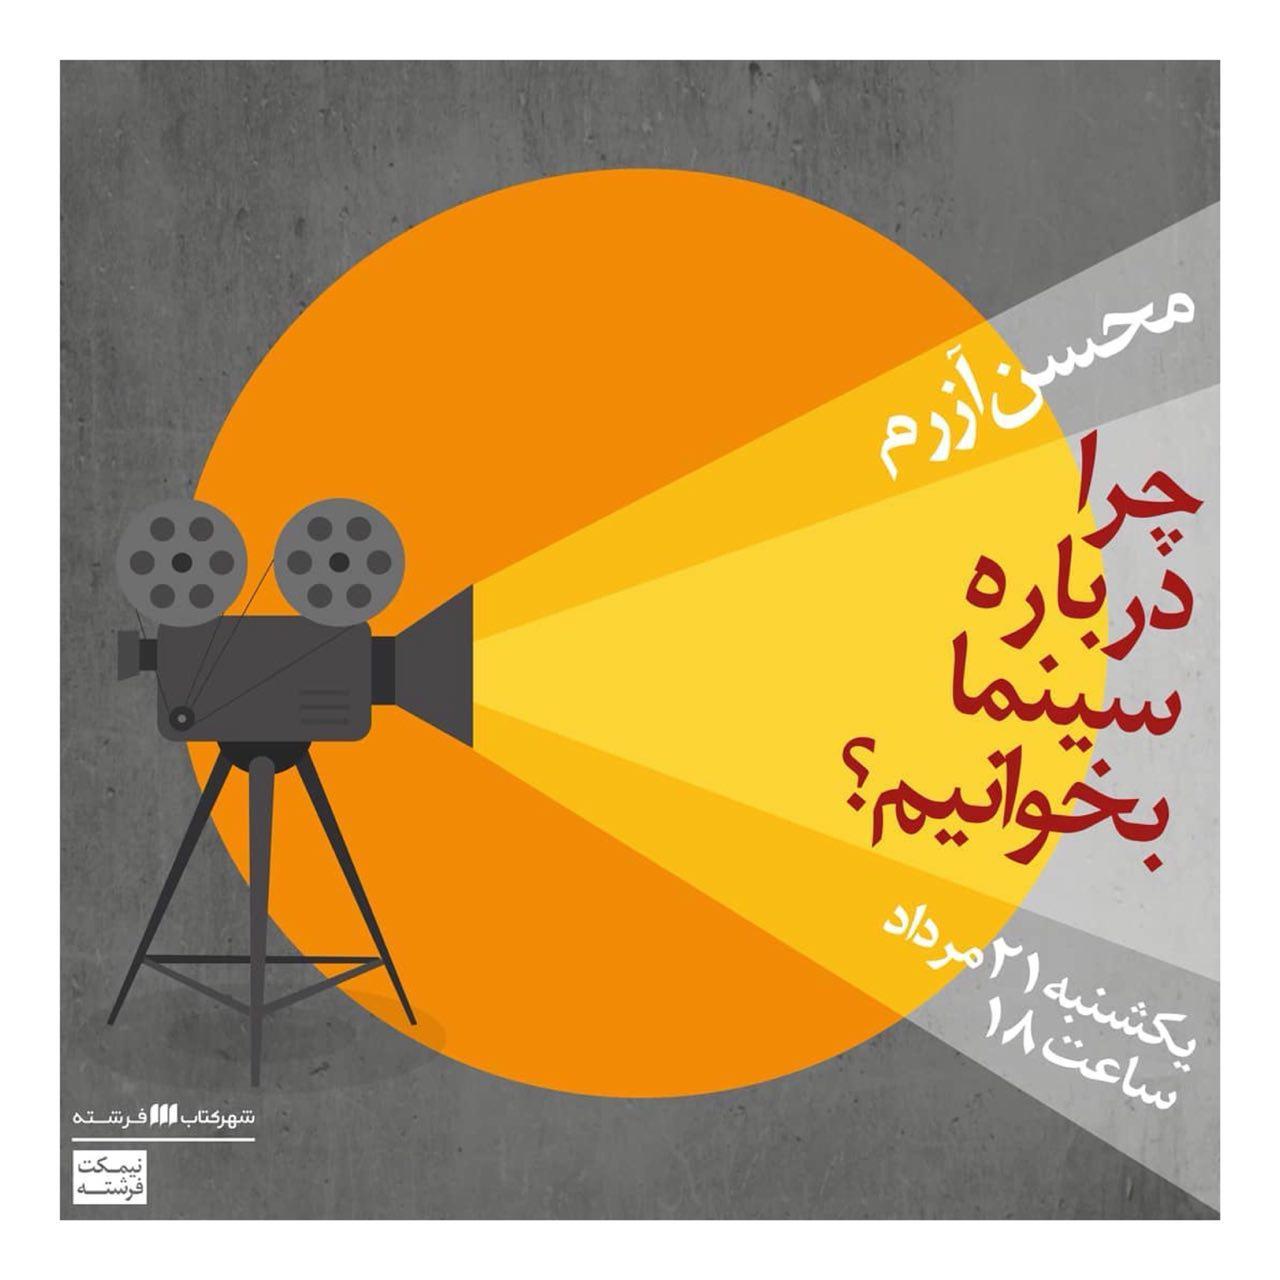 چرا دربارهی سینما بخوانیم؟